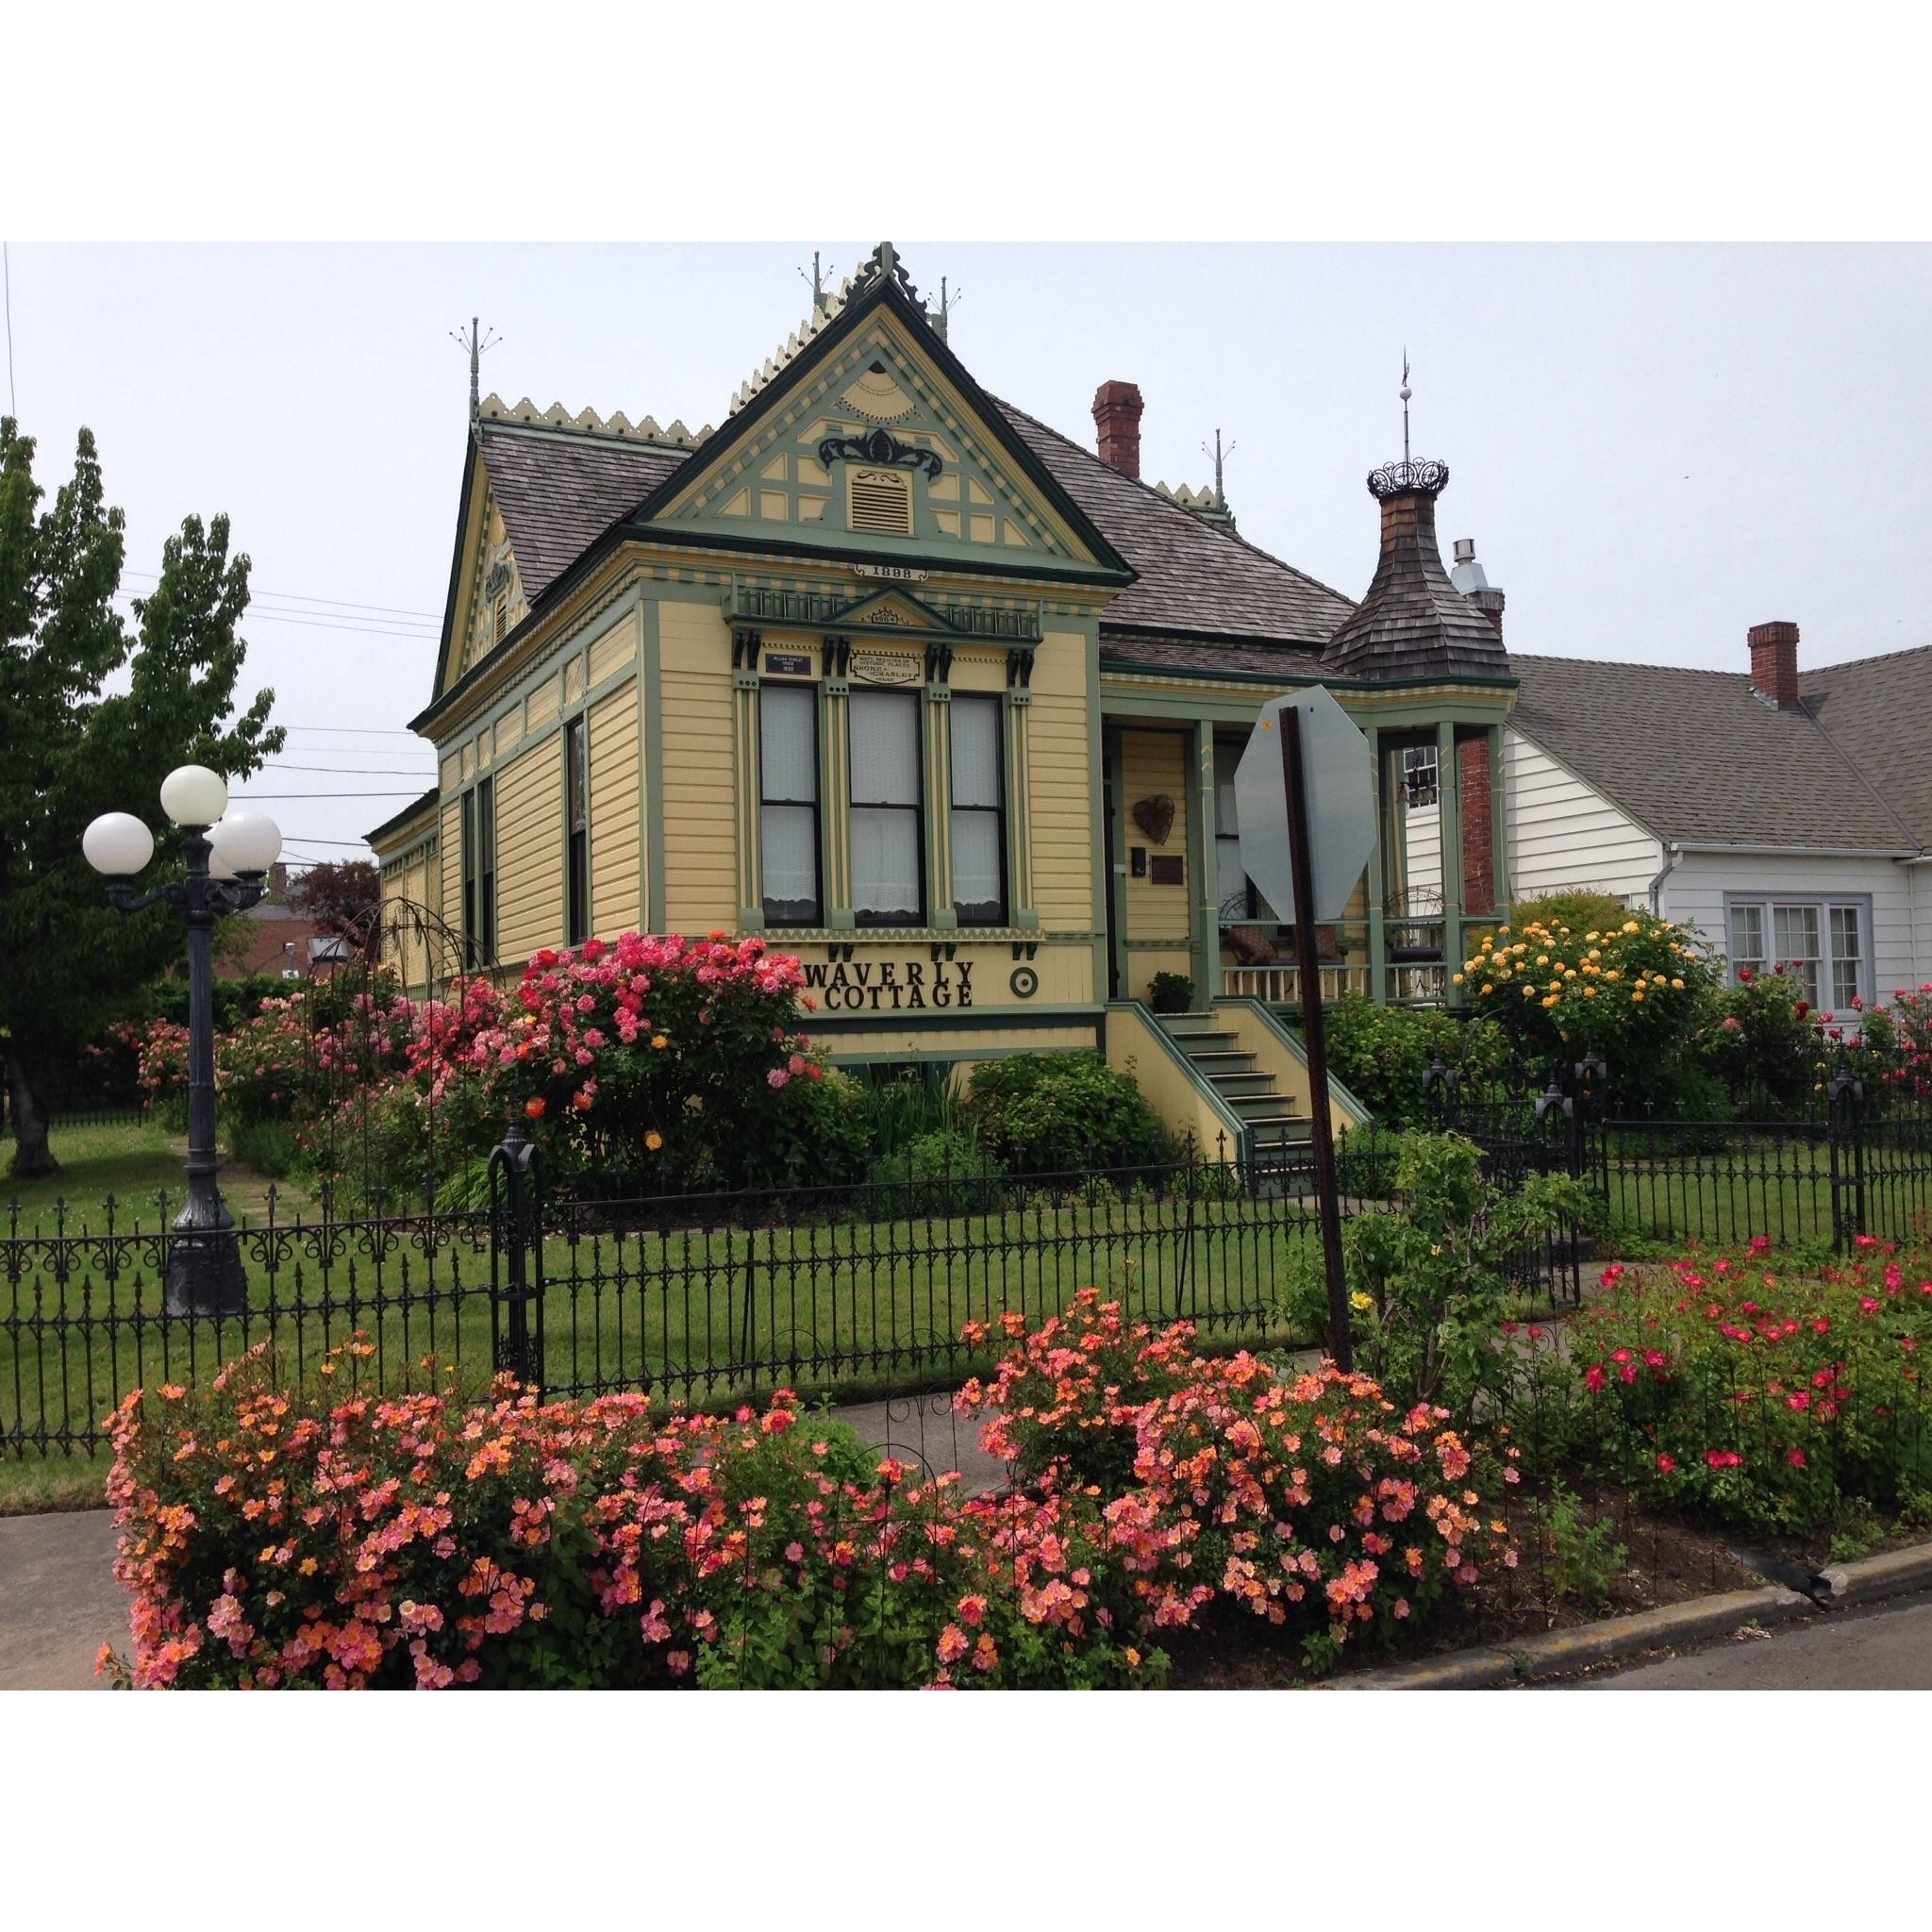 Waverly Cottage